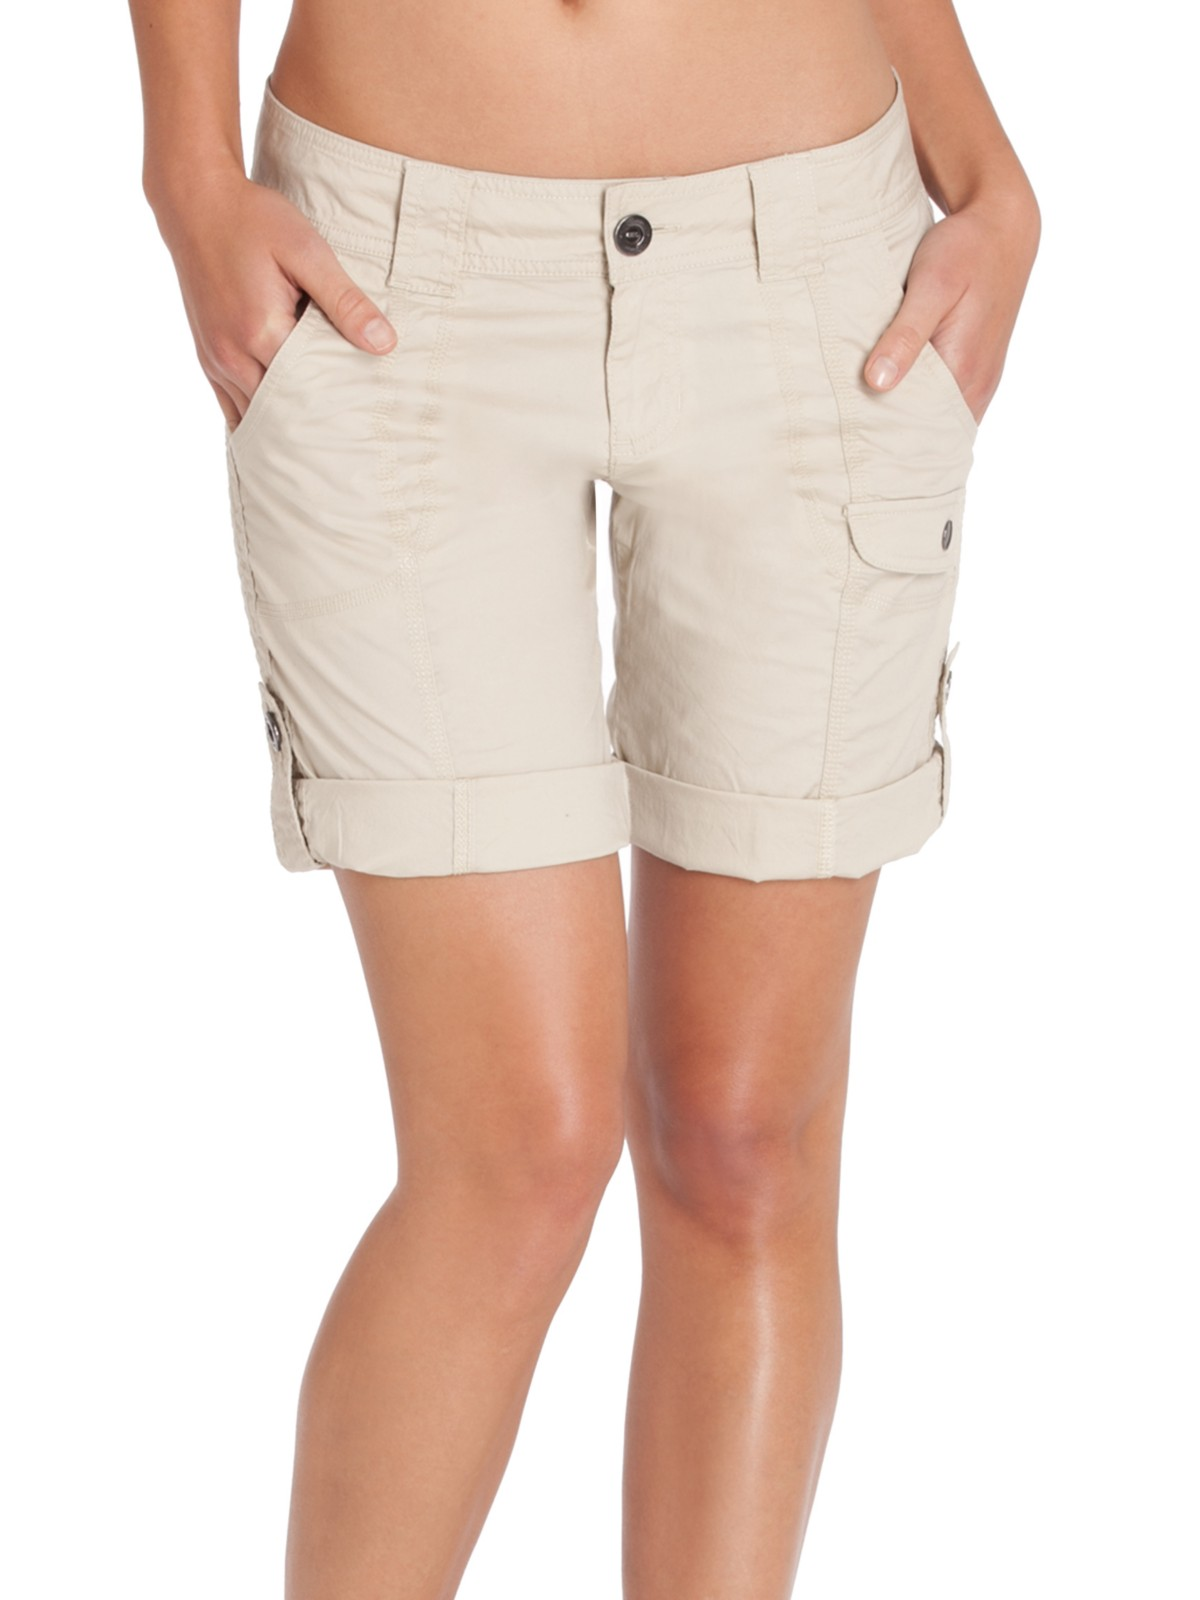 GUESS-Maribelle-Bermuda-Shorts